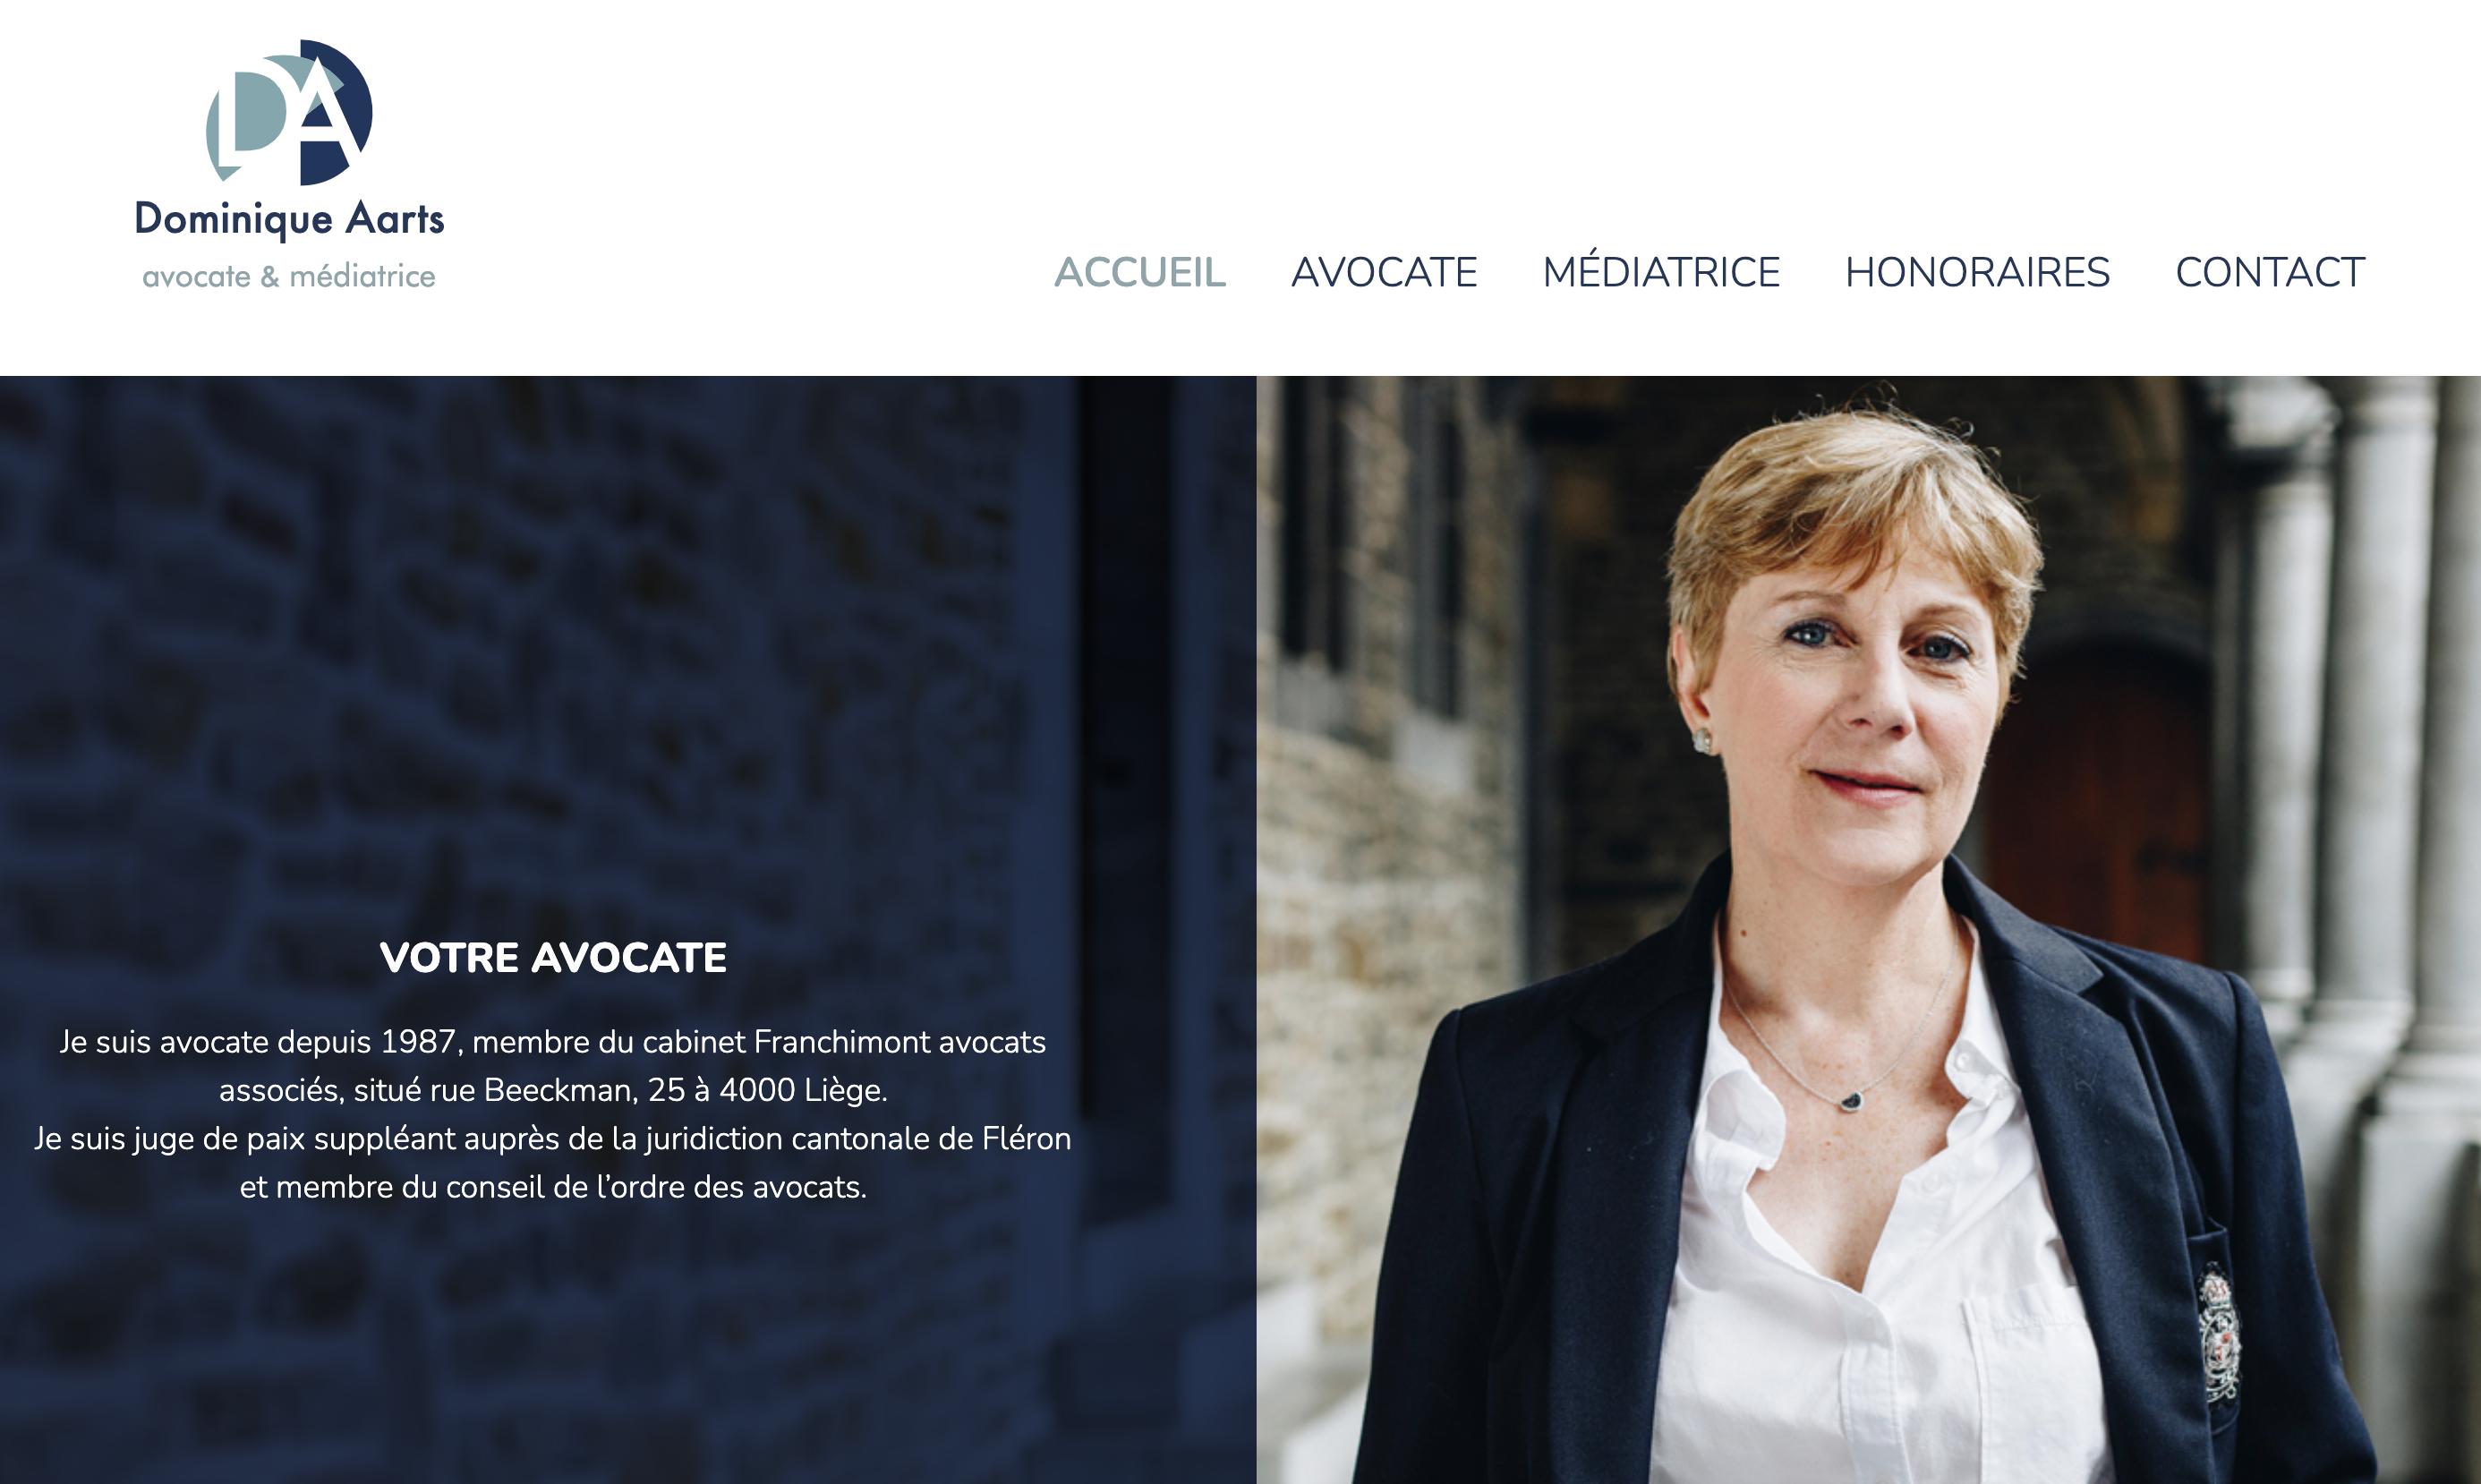 Dominique Aarts - 2018